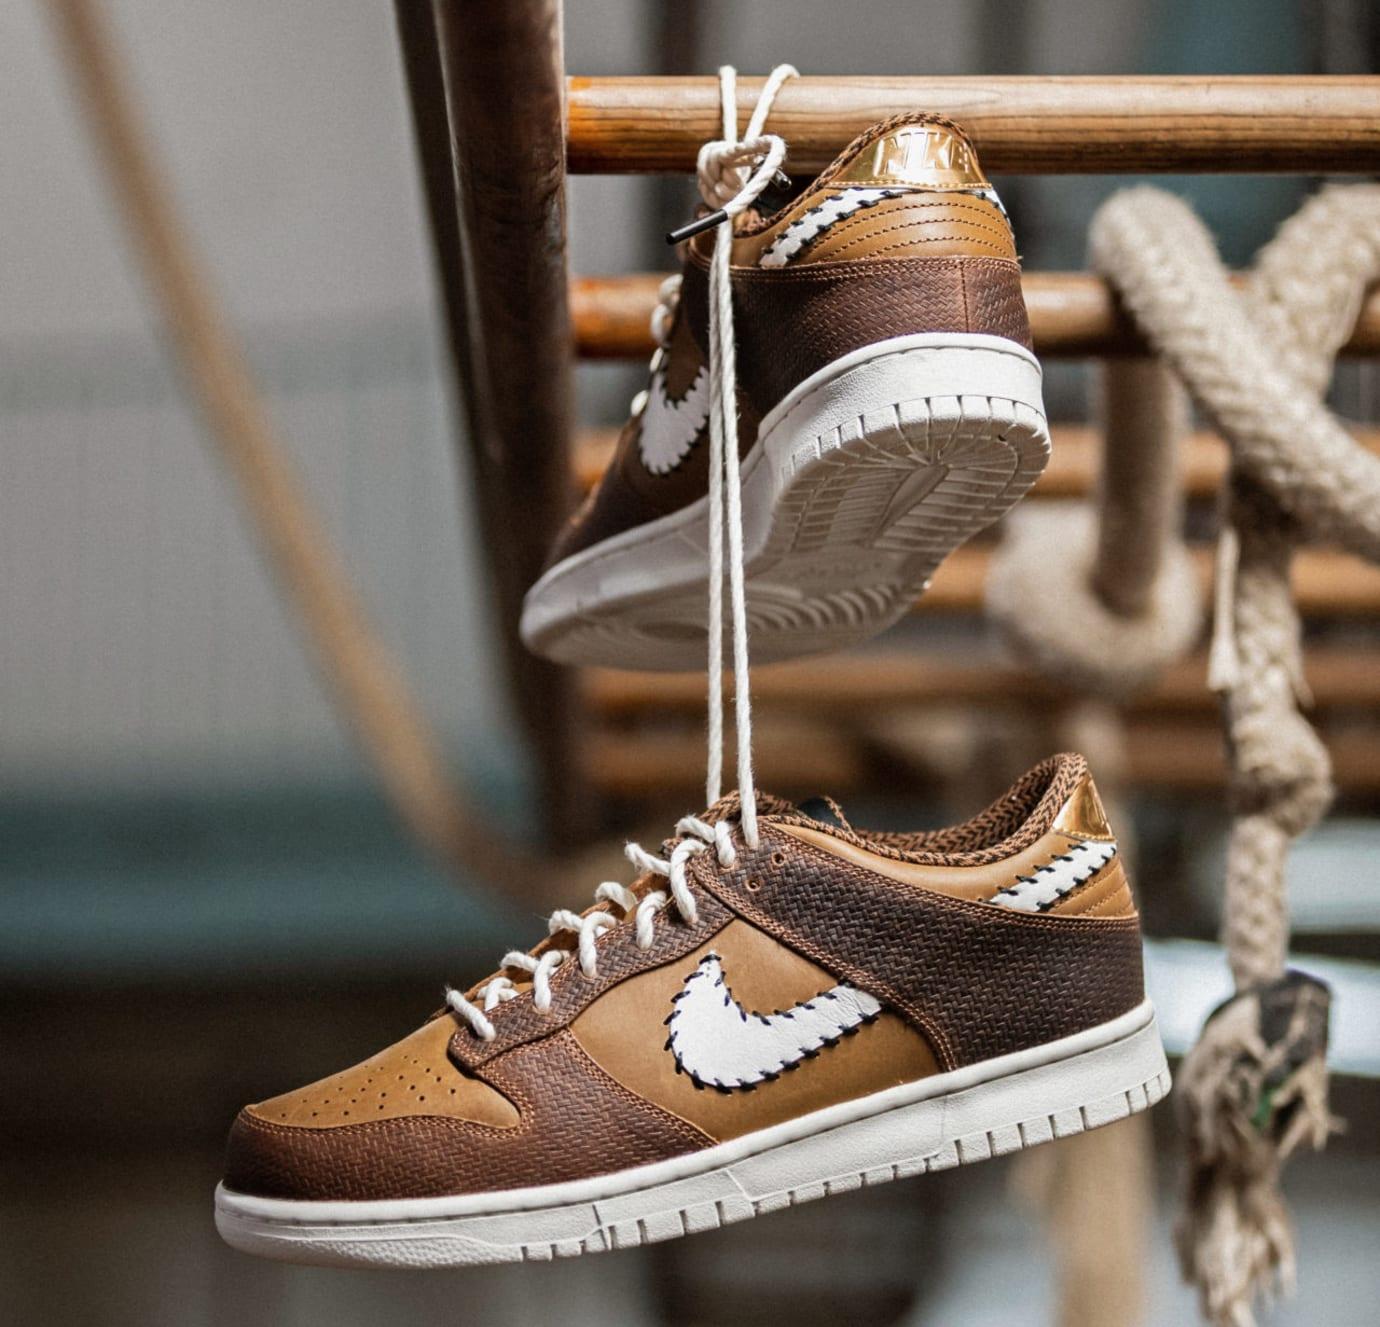 Nike Dunk Low PRM QS Paris 'Ale Brown' AH1072-200 (Pair)